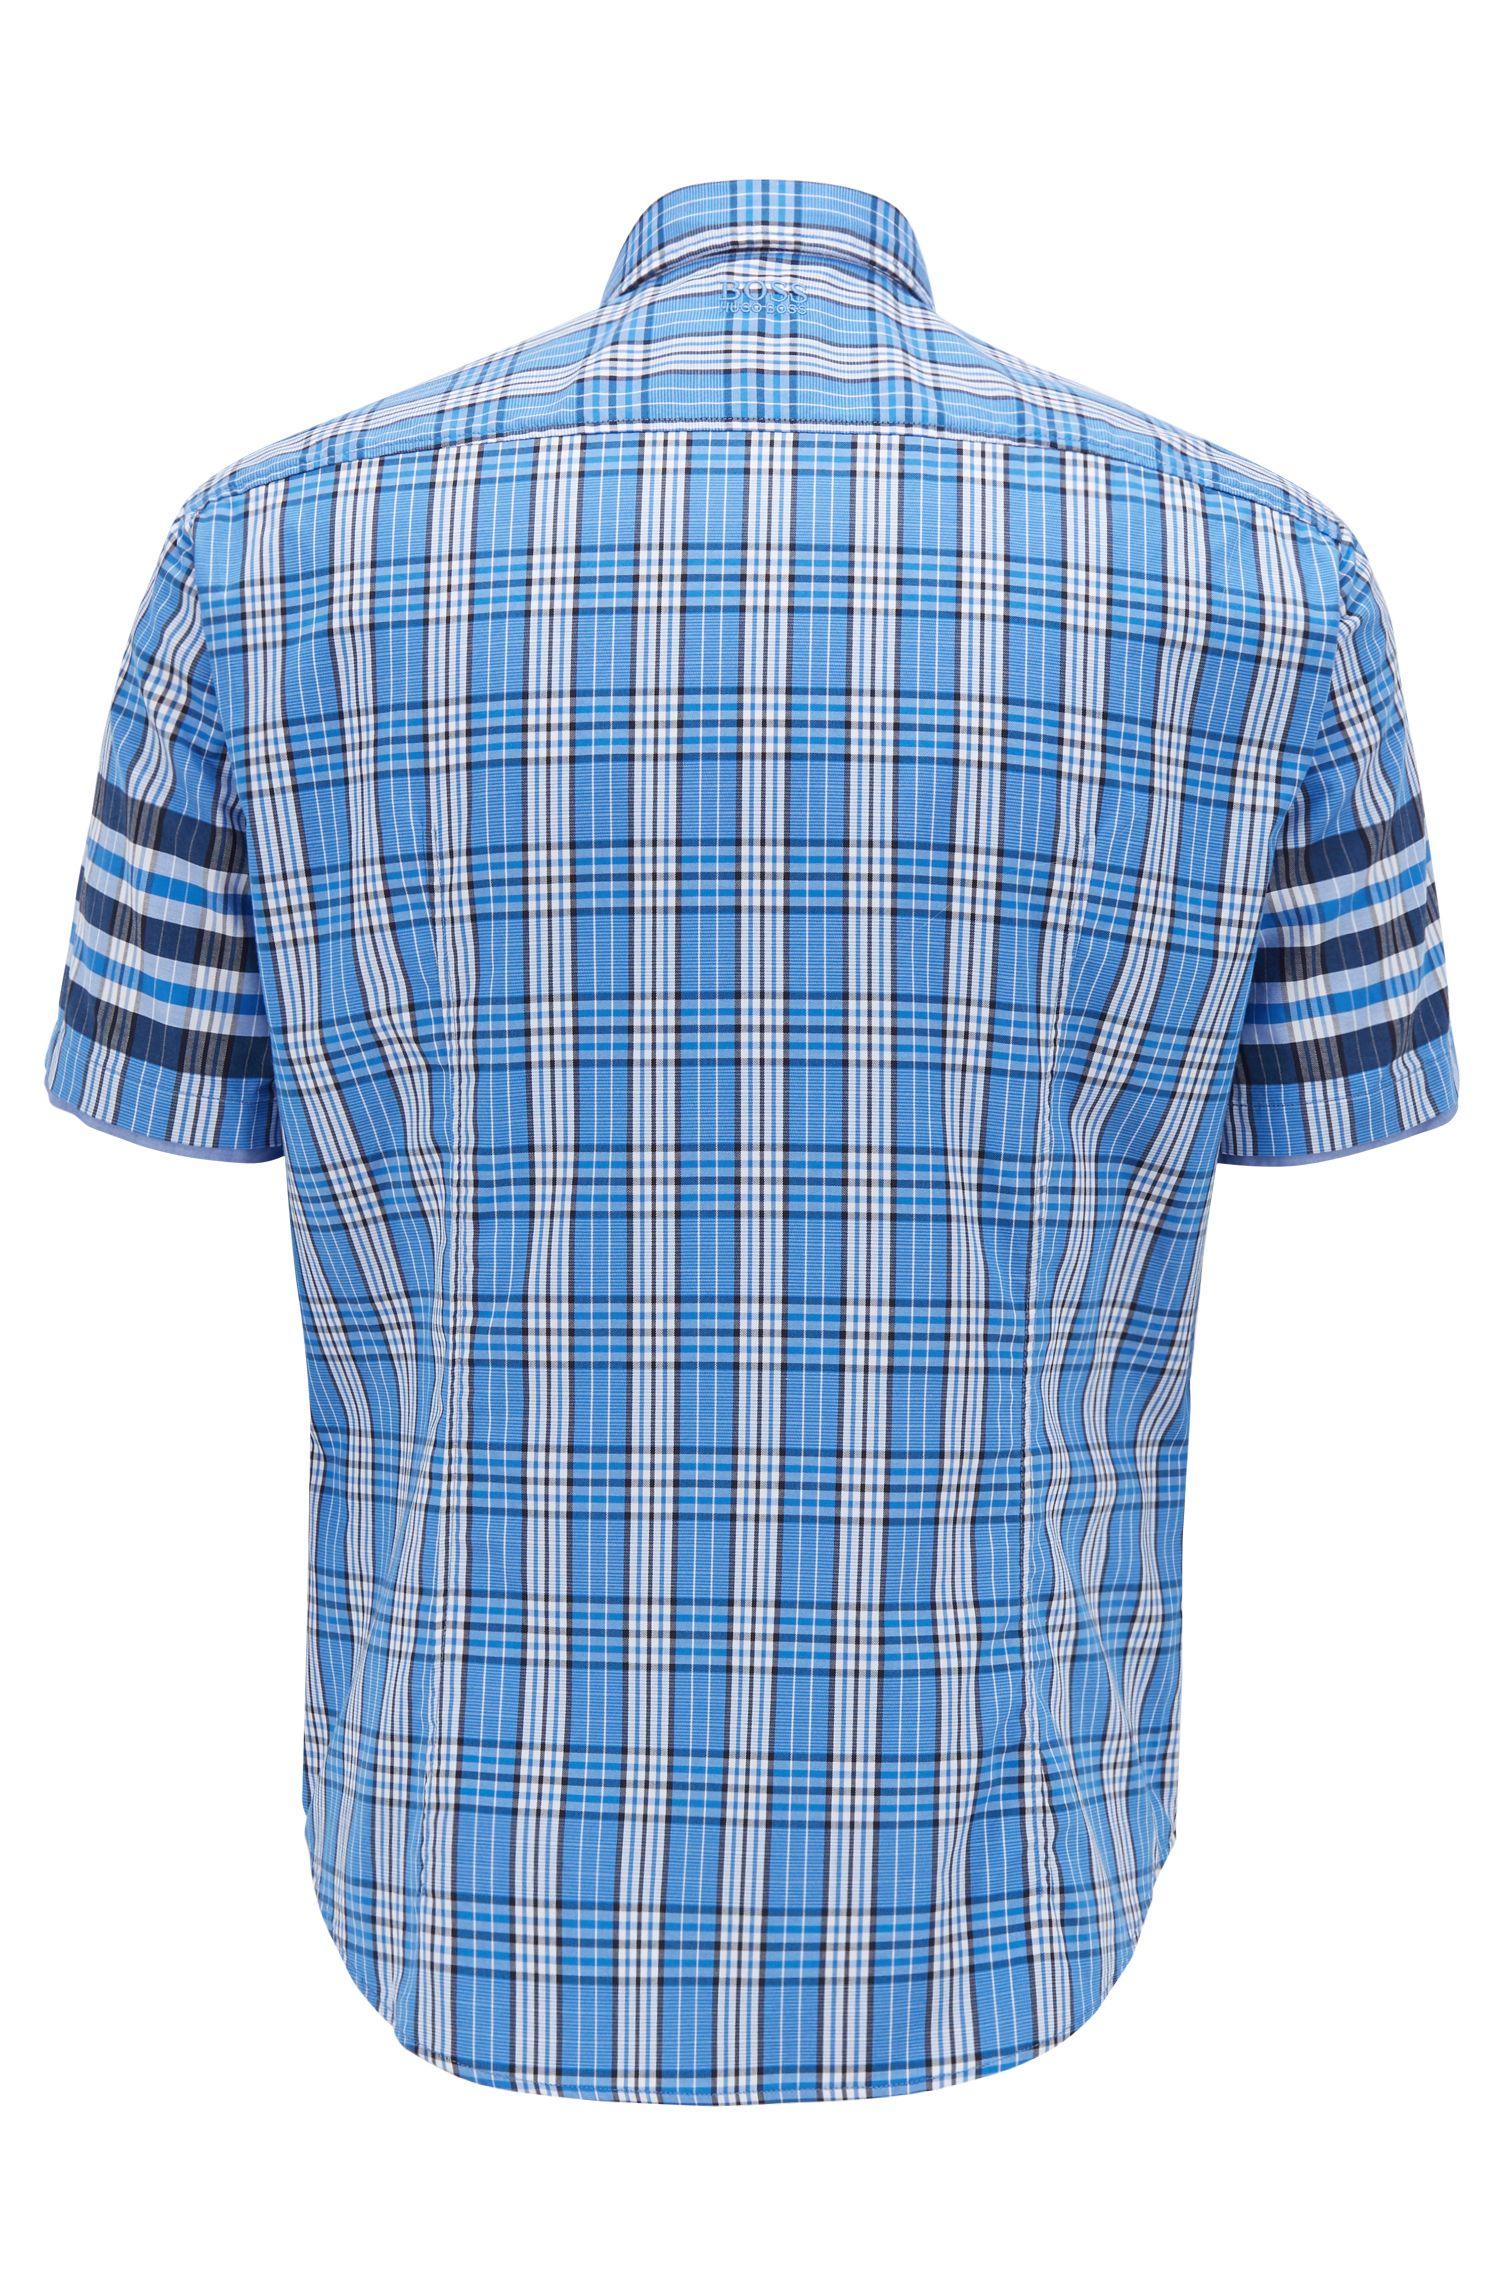 Camisa regular fit en tejido dobby de algodón con cuadros Príncipe de Gales, Fantasía